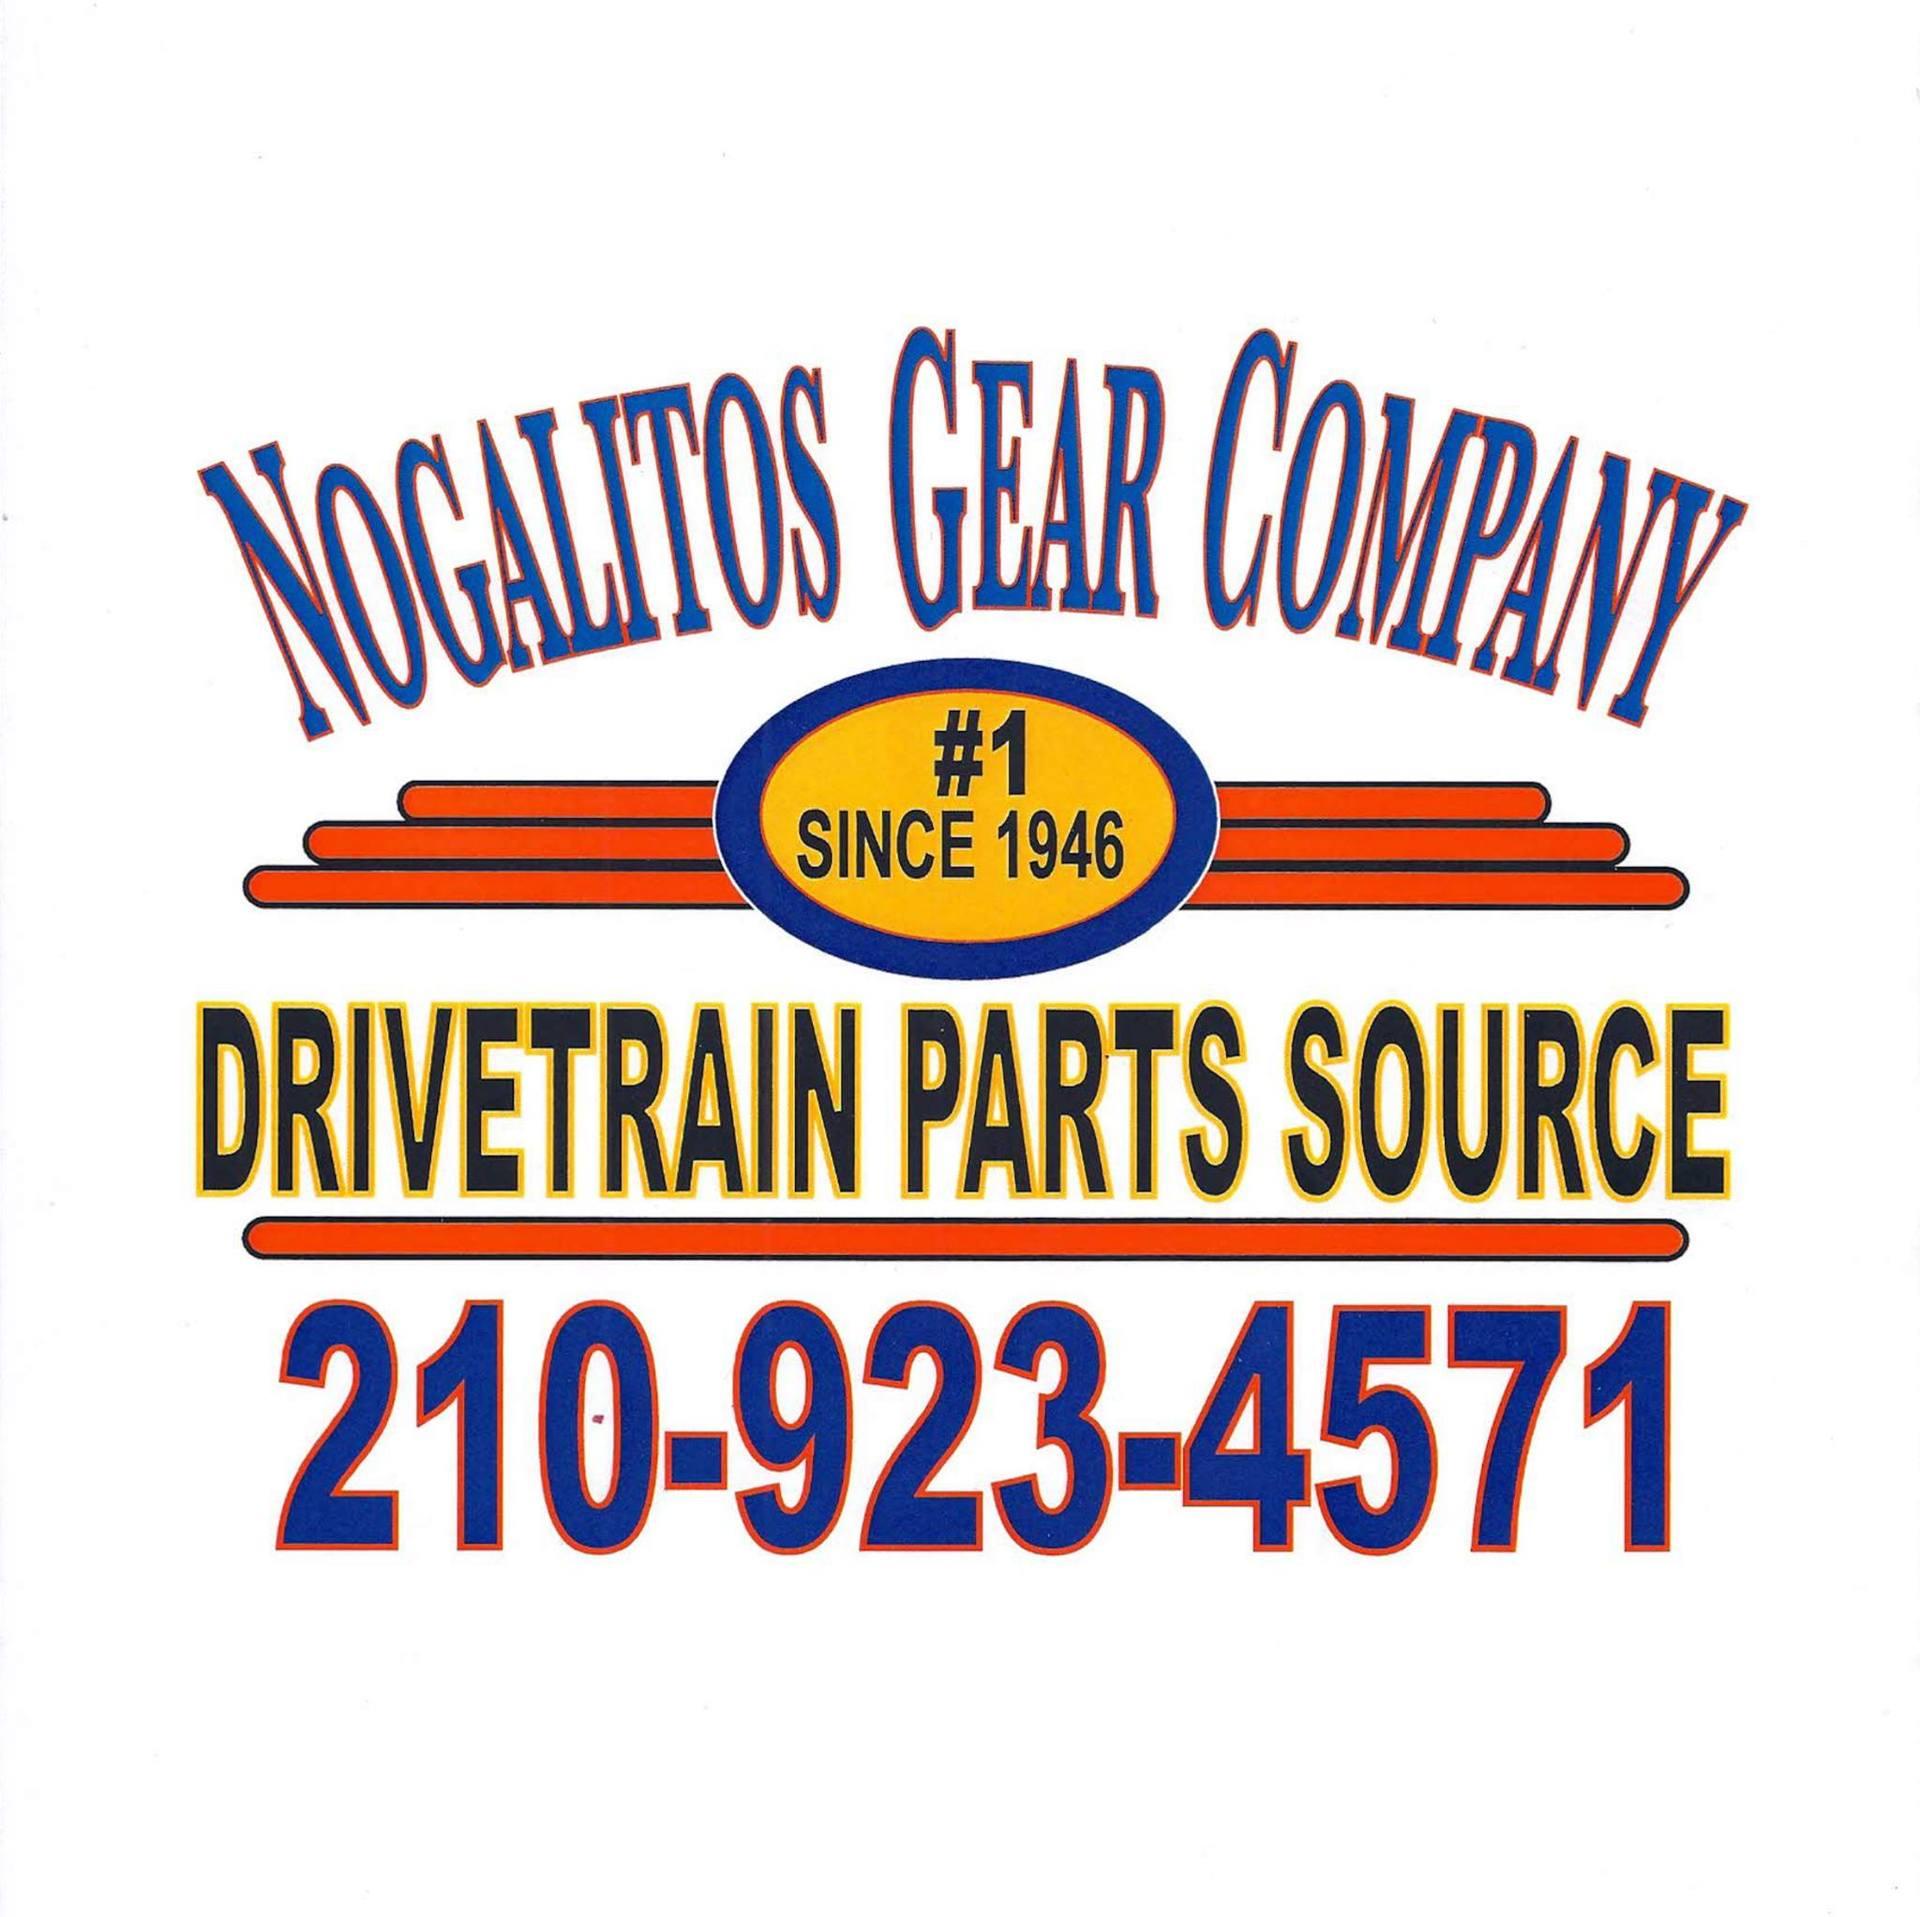 Nogalitos Gear Company logo